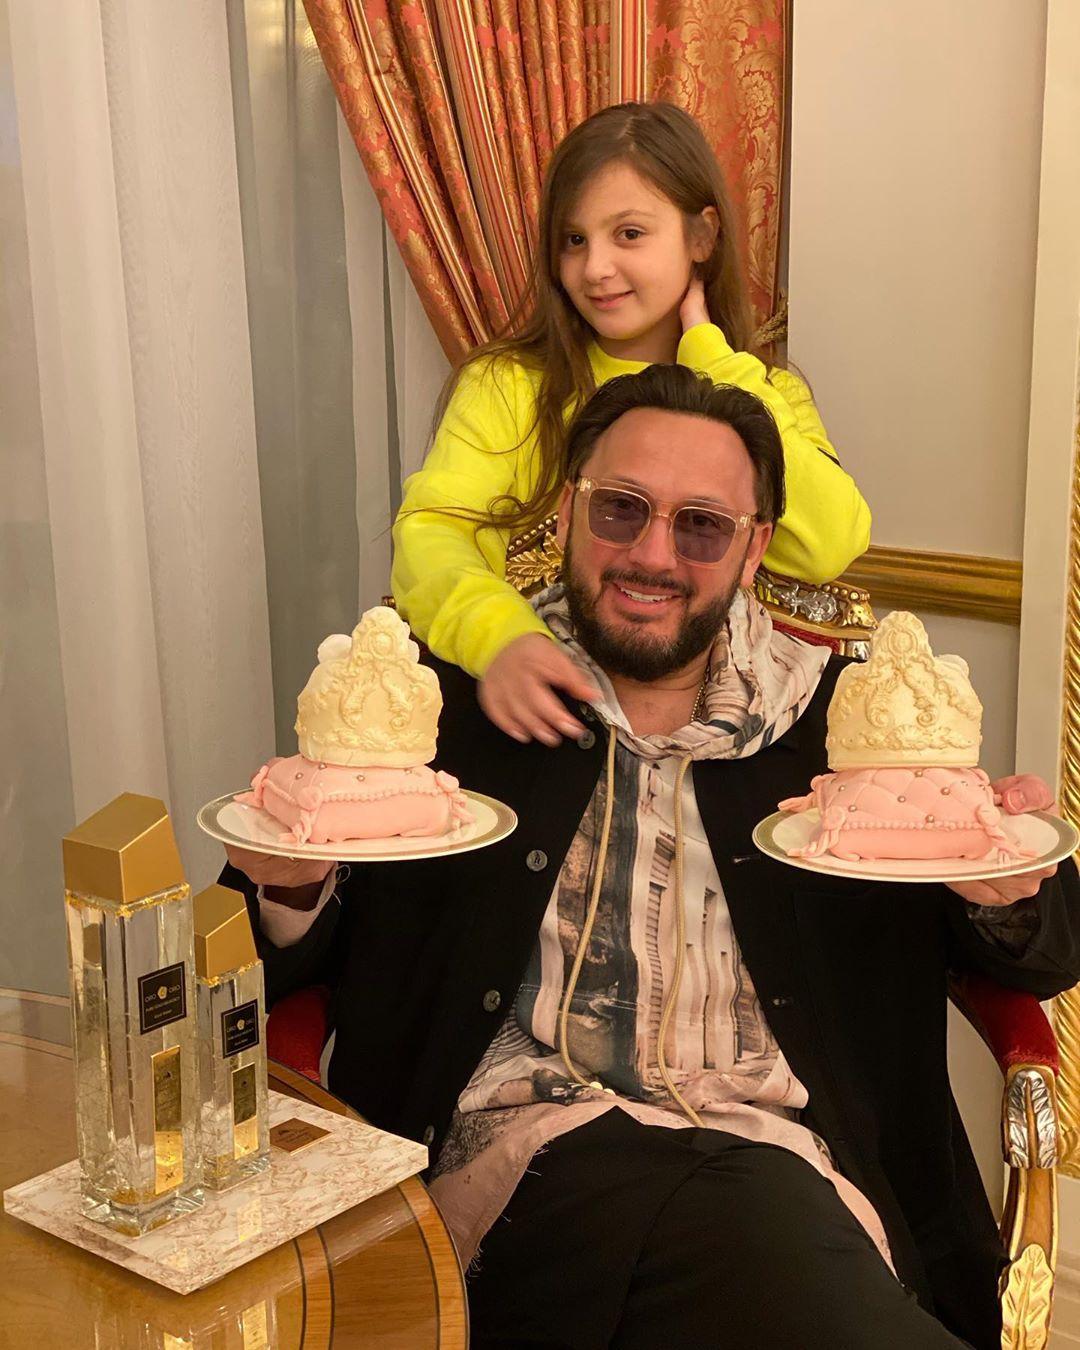 Стас Михайлов показала фото с милой дочкой Иванной